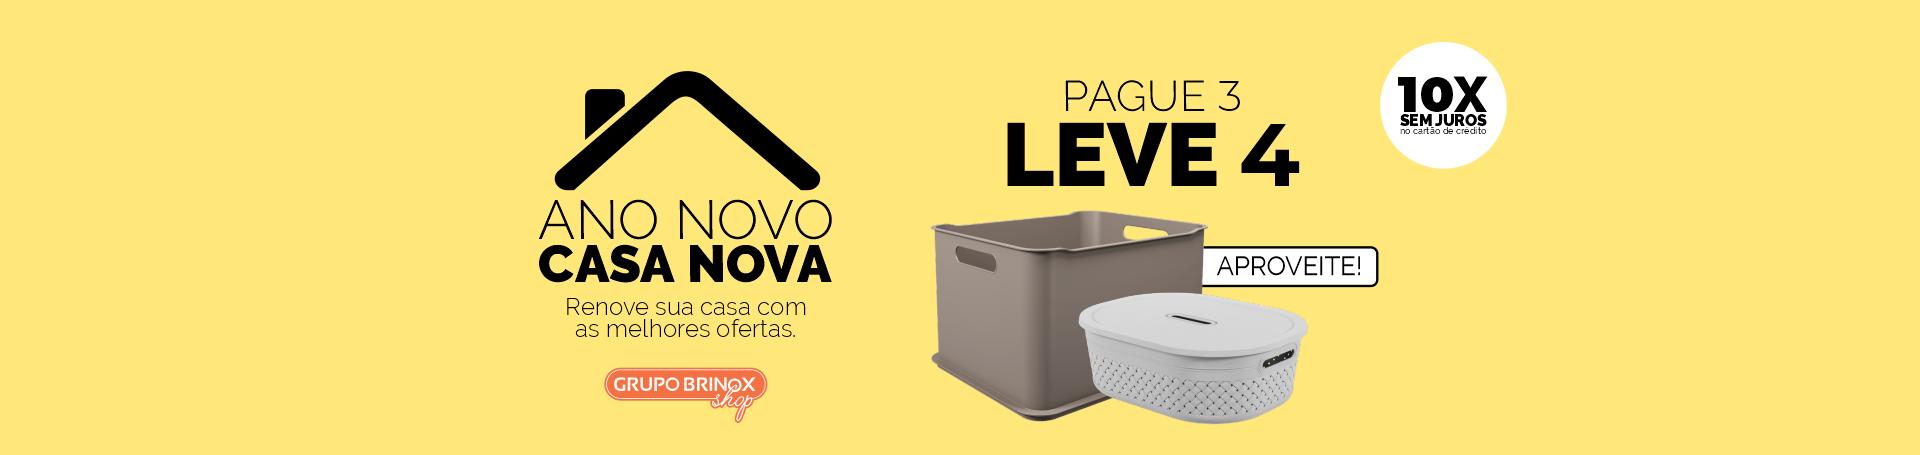 Banner Leve3pague4 - Janeiro